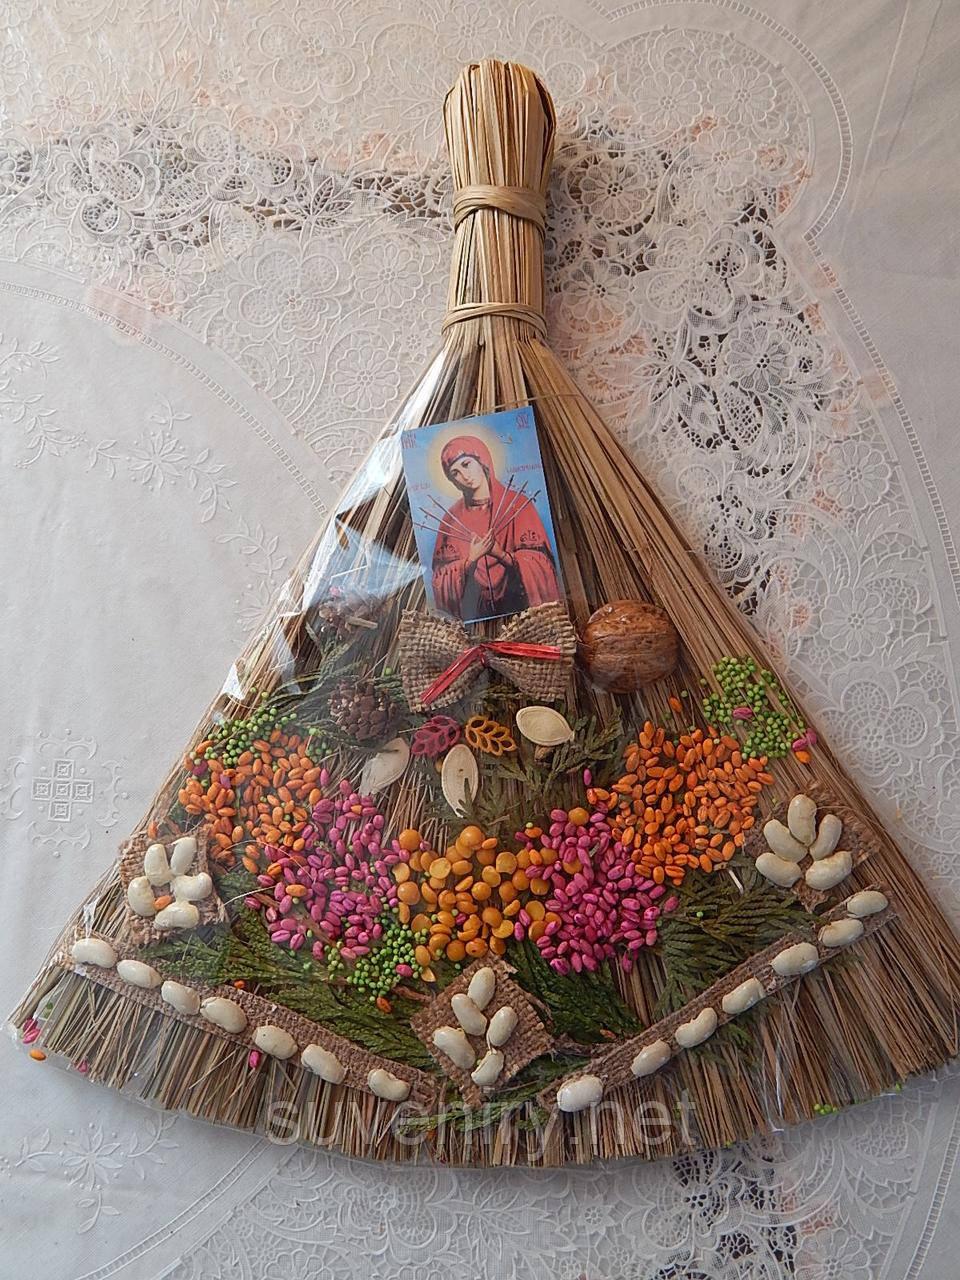 Декоративный оберег сувенир для дома   - Сувениры, религиозный товар  в Ивано-Франковской области